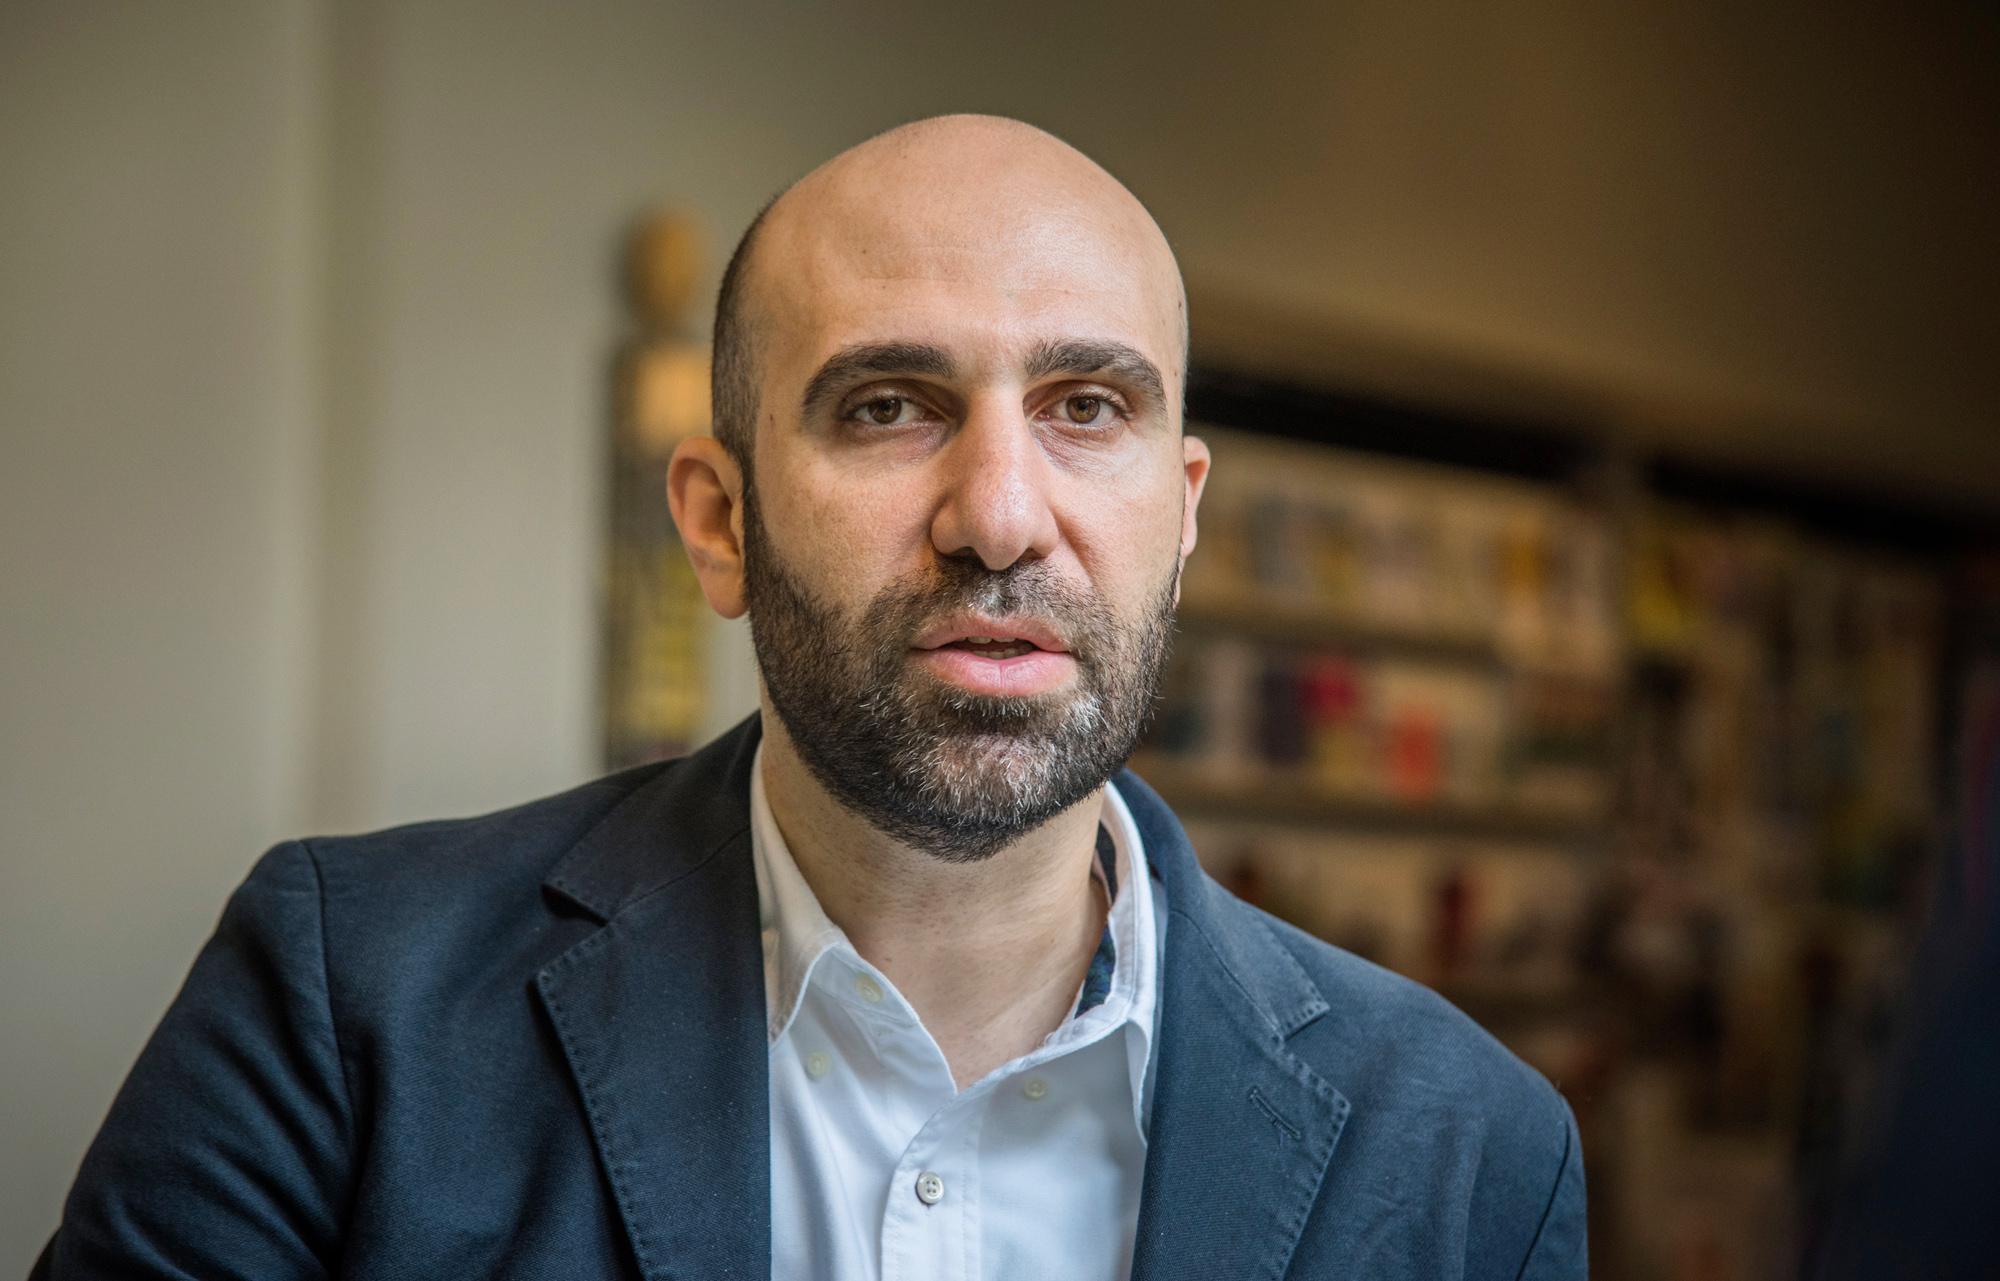 Der arabisch-israelische Psychologe Ahmad Mansour fordert mehr Extremismus-Prävention an den Schulen.